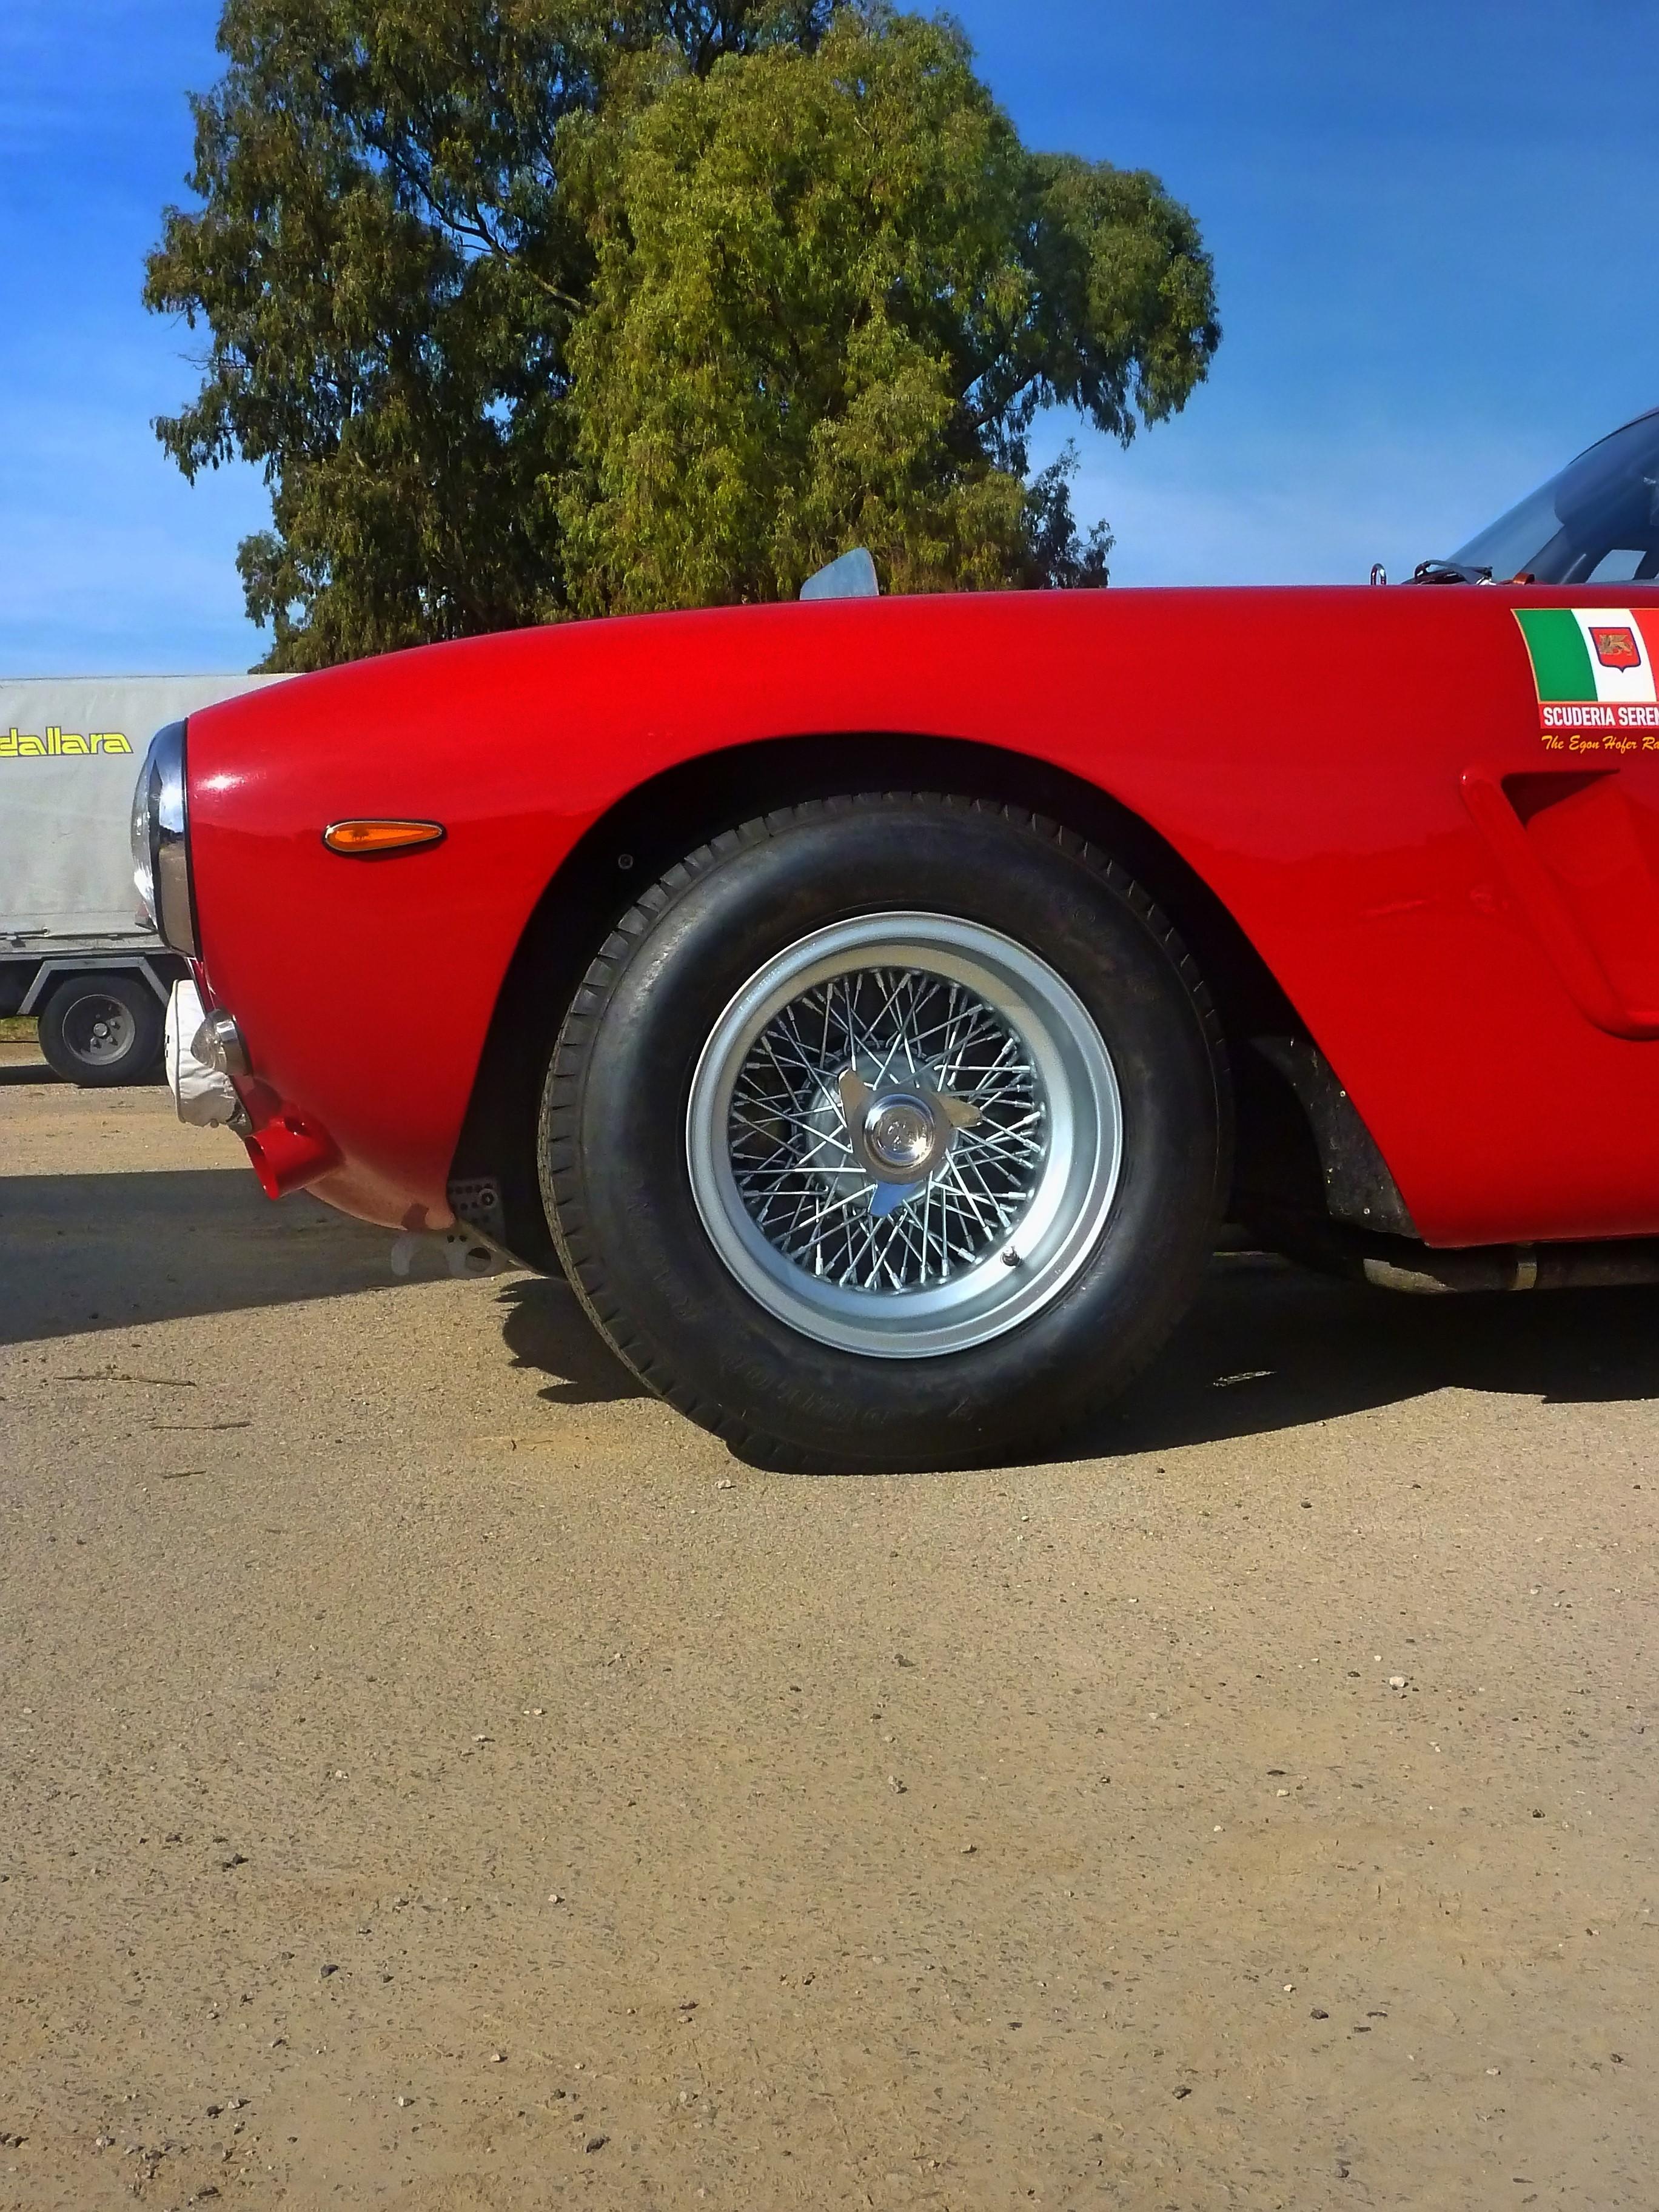 1961 Ferrari 250 GT SWB #2701 (1)_filtered